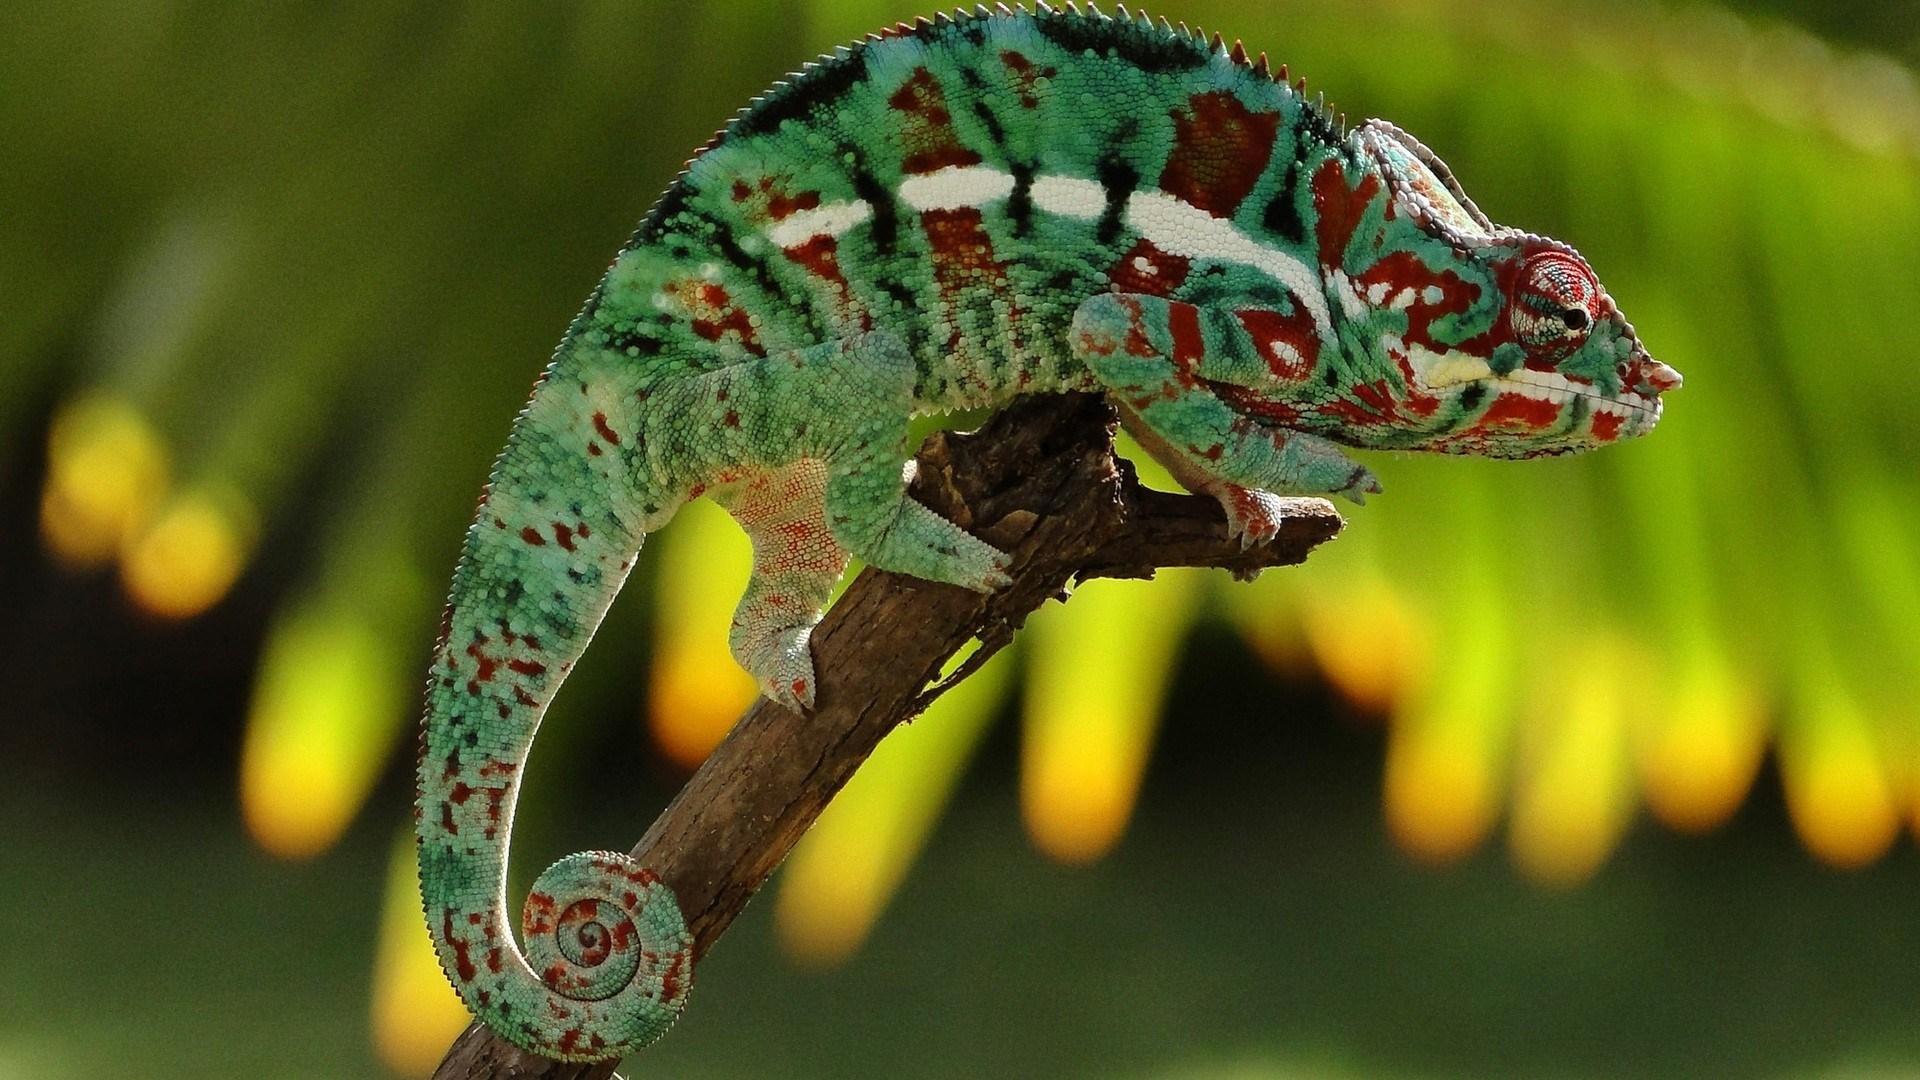 chameleon lizard HD Desktop Wallpapers 4k HD